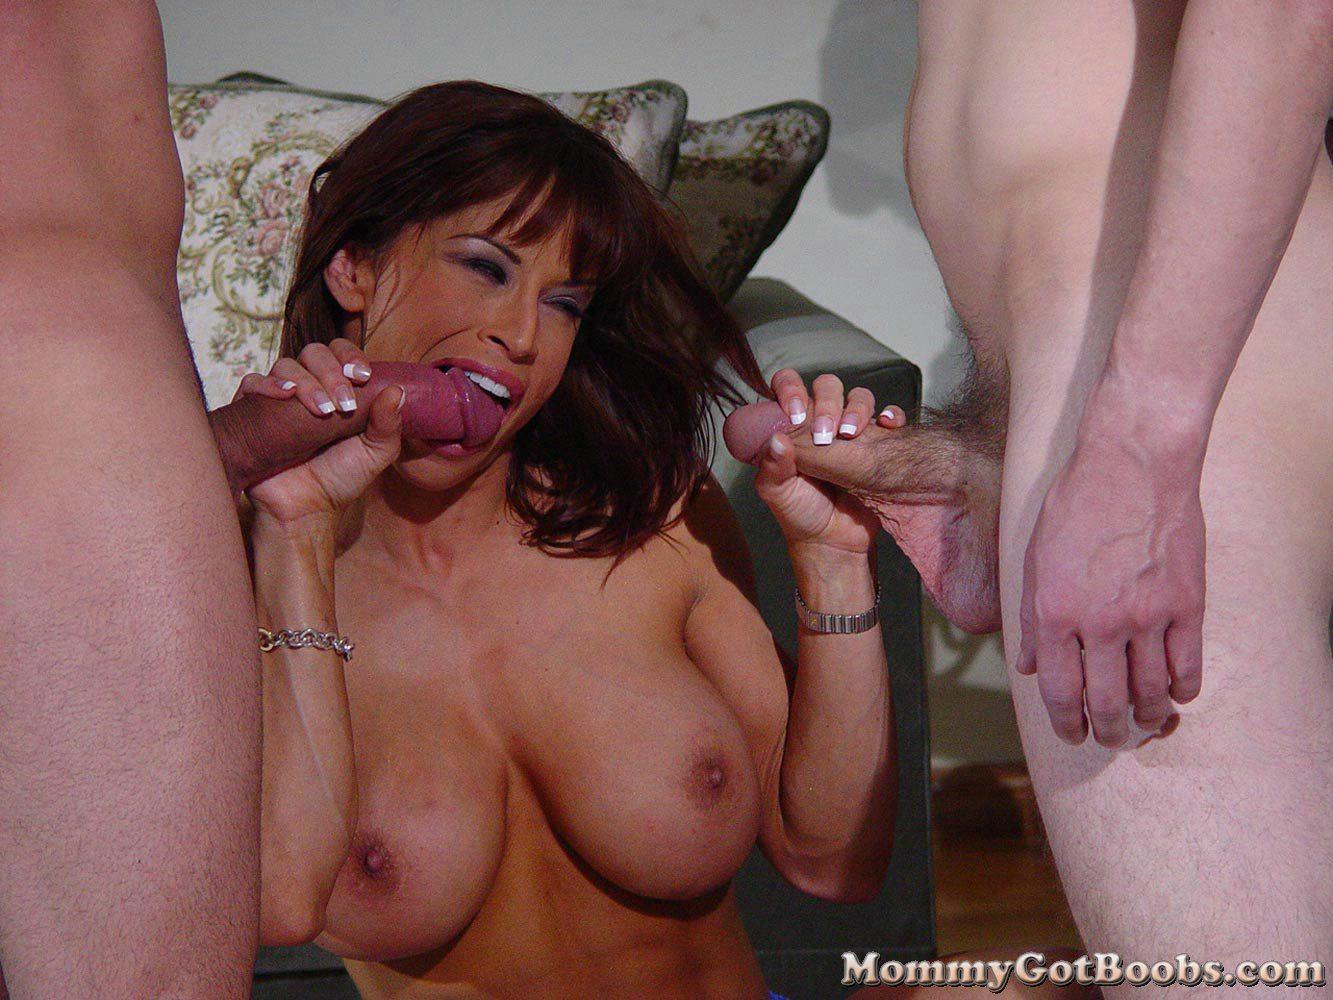 Смотреть порно devon michaels, Бесплатное порно с Devon Michaels на 24 видео 20 фотография